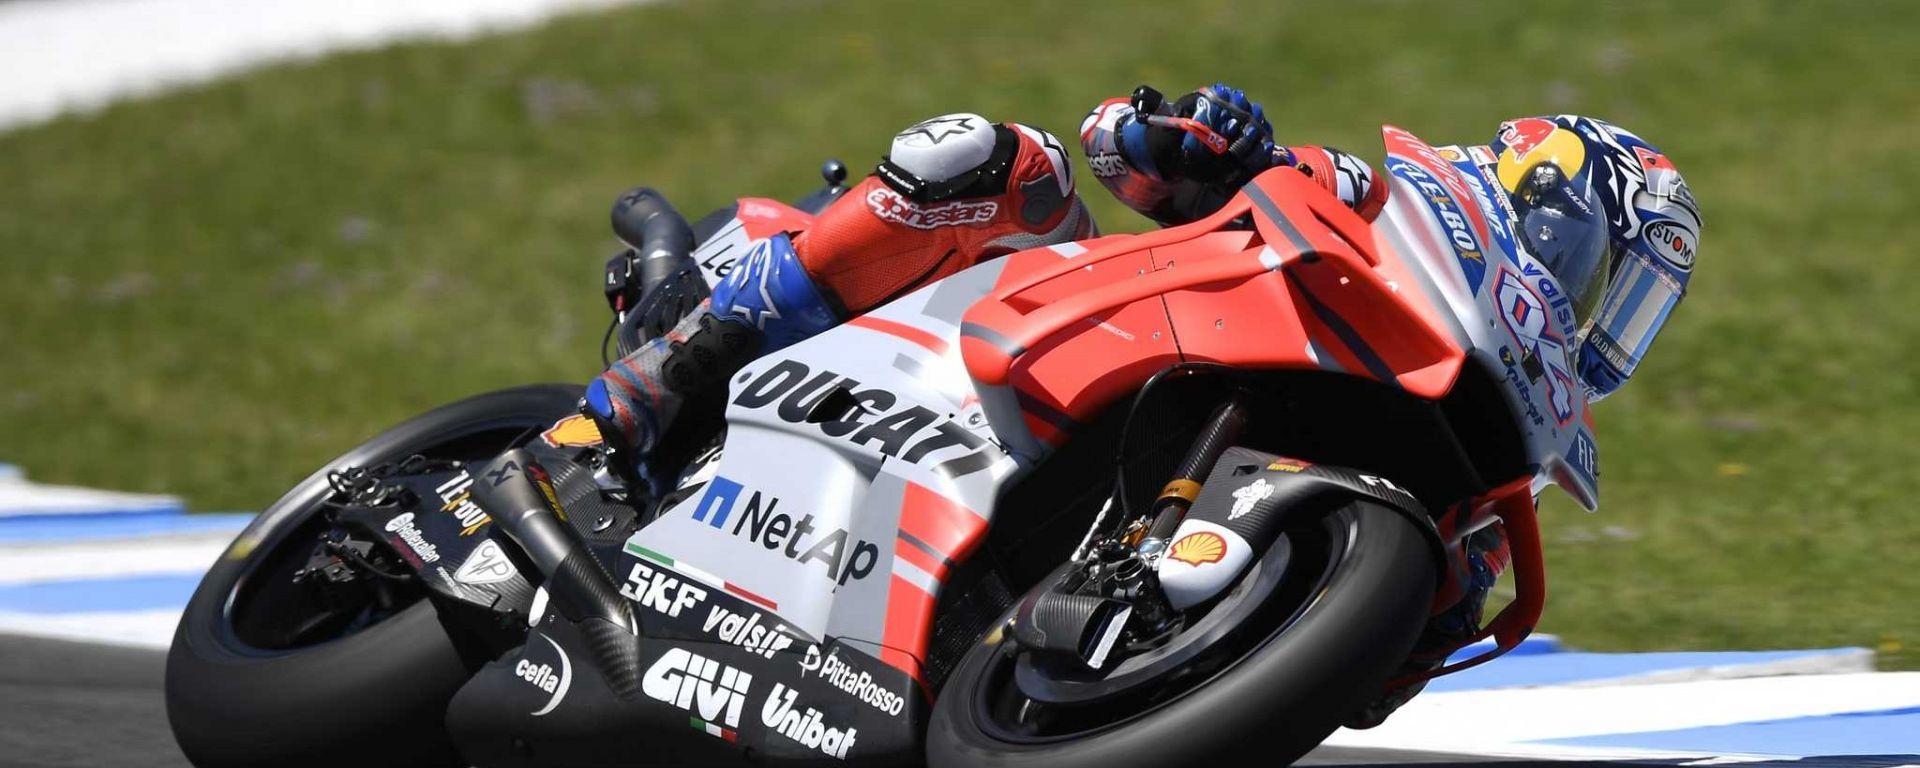 MotoGP 2018: Andrea Dovizioso in Ducati per altri due anni